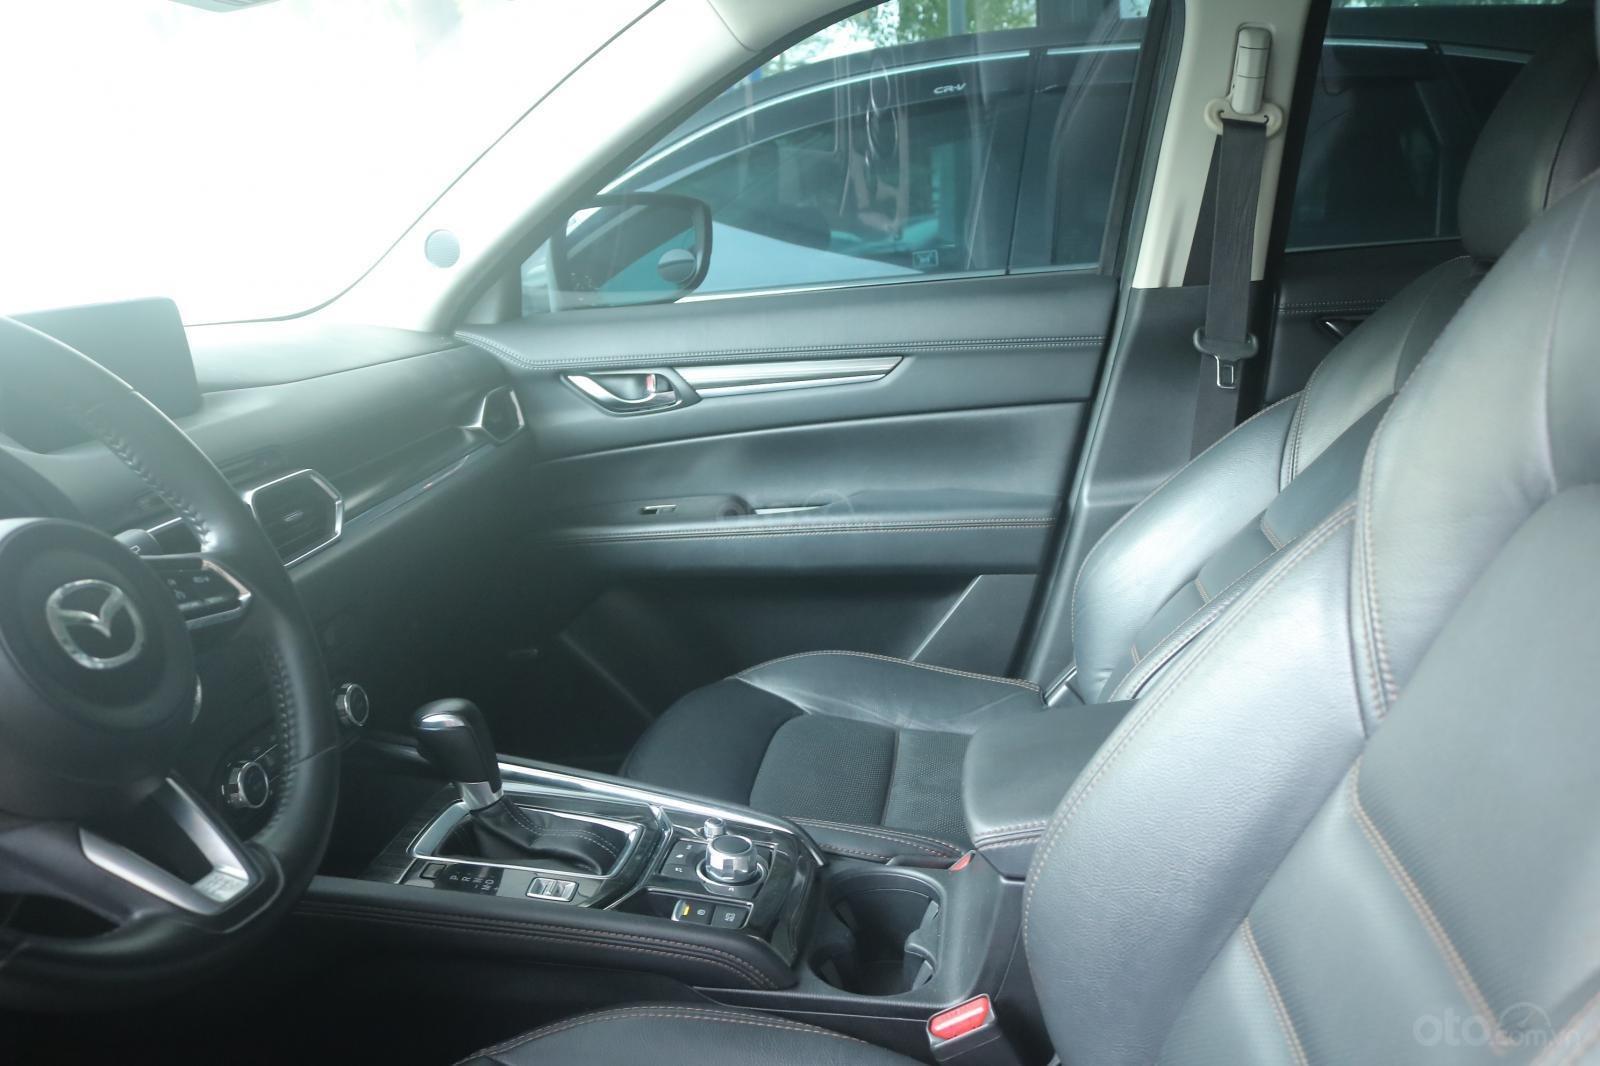 Bán ô tô Mazda CX 5 năm 2018, màu đen, giá chỉ 815 triệu (6)